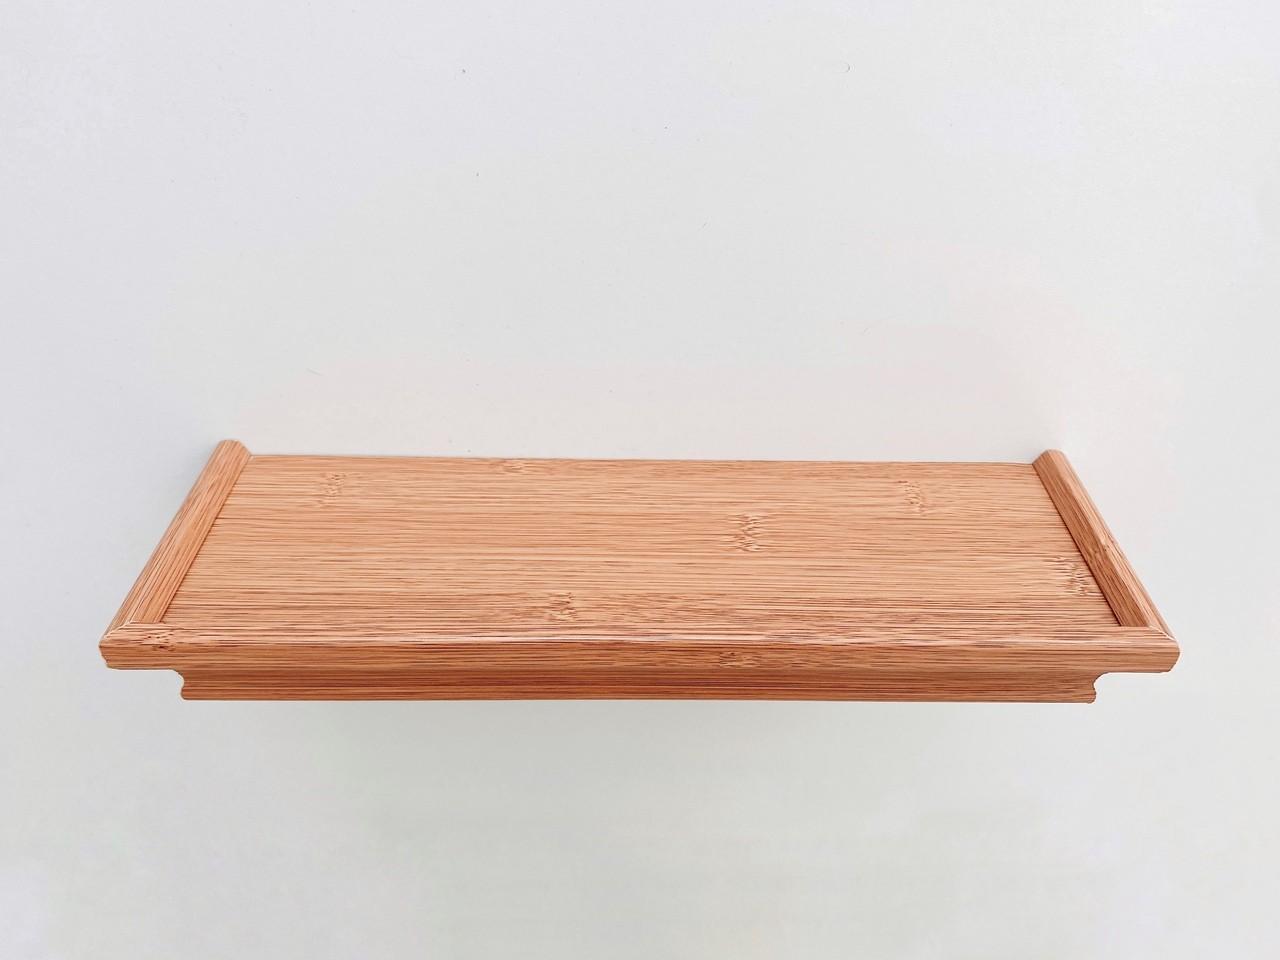 Prateleira Wood - Invisível   - CASACOBRE